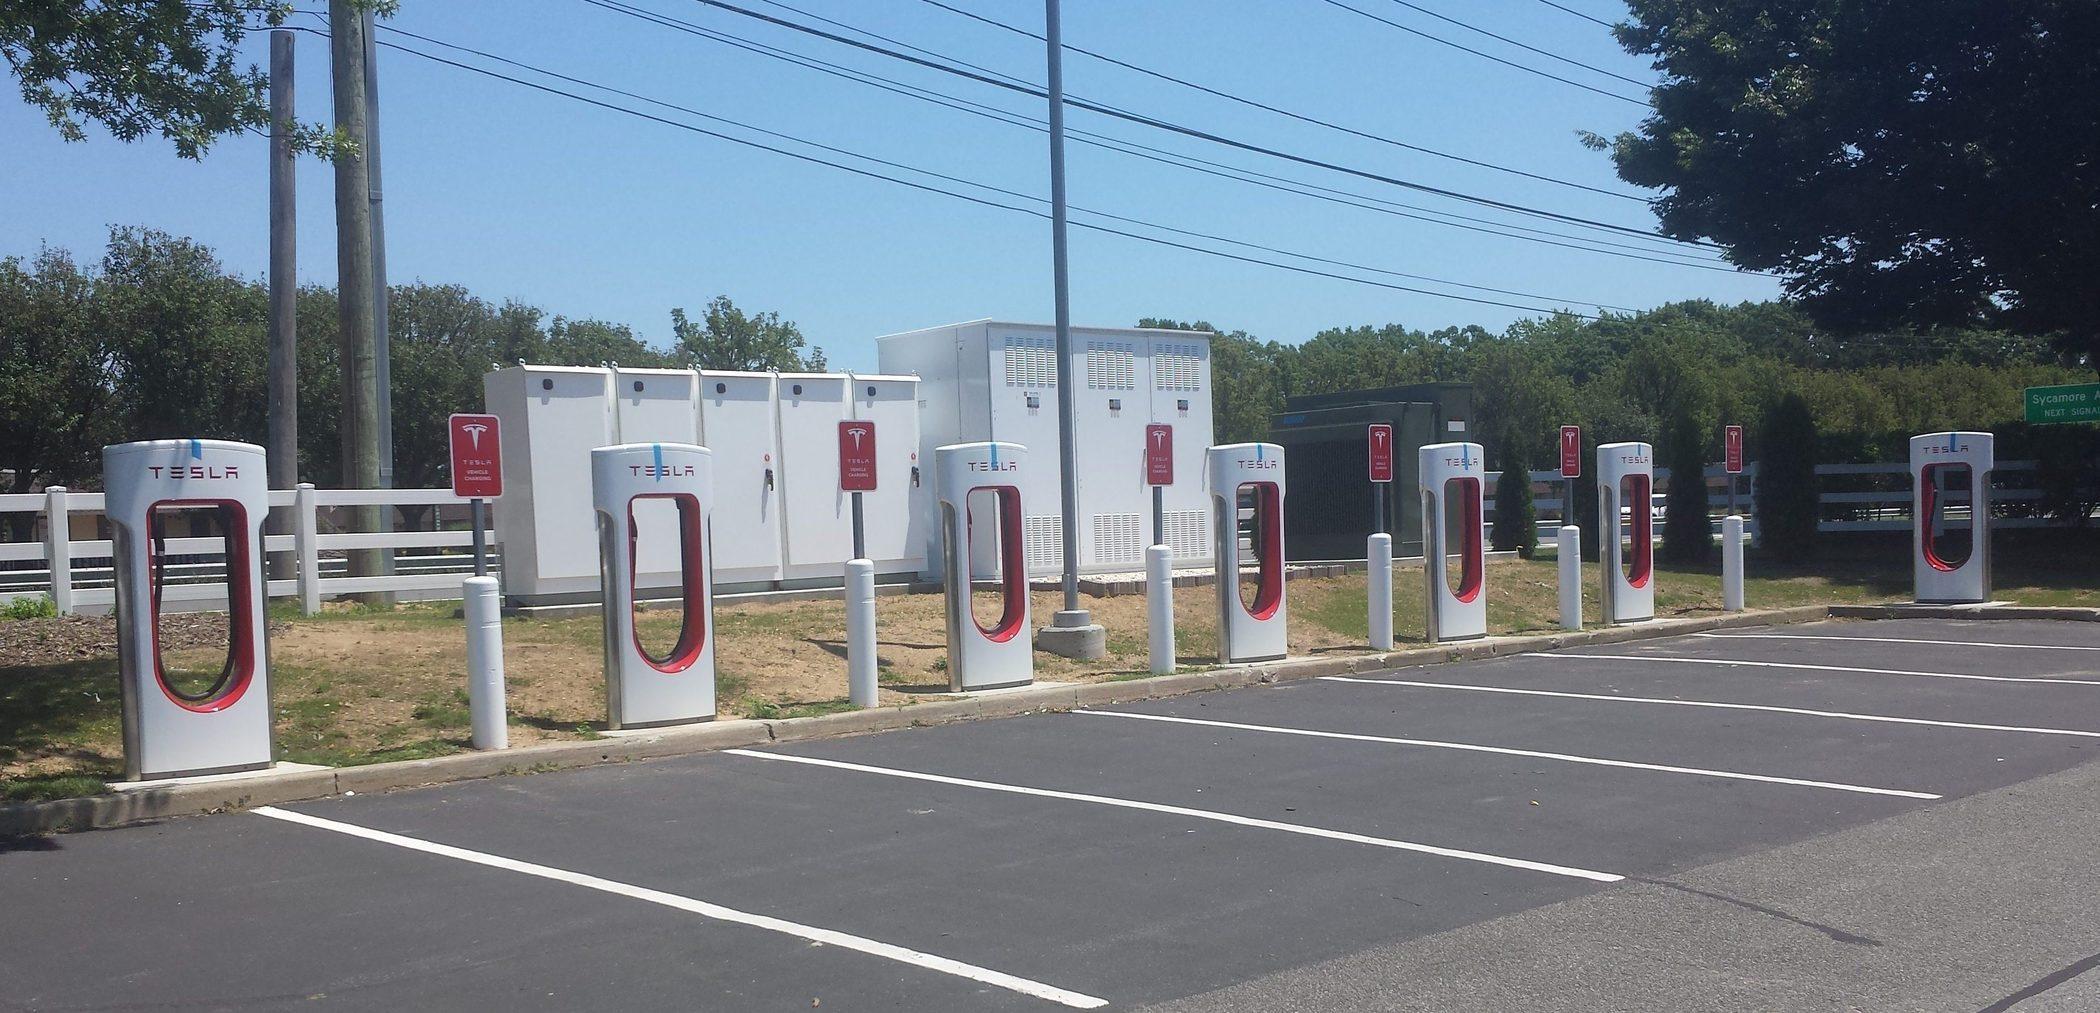 屡创纪录!Tesla超级充电站部署数量激增